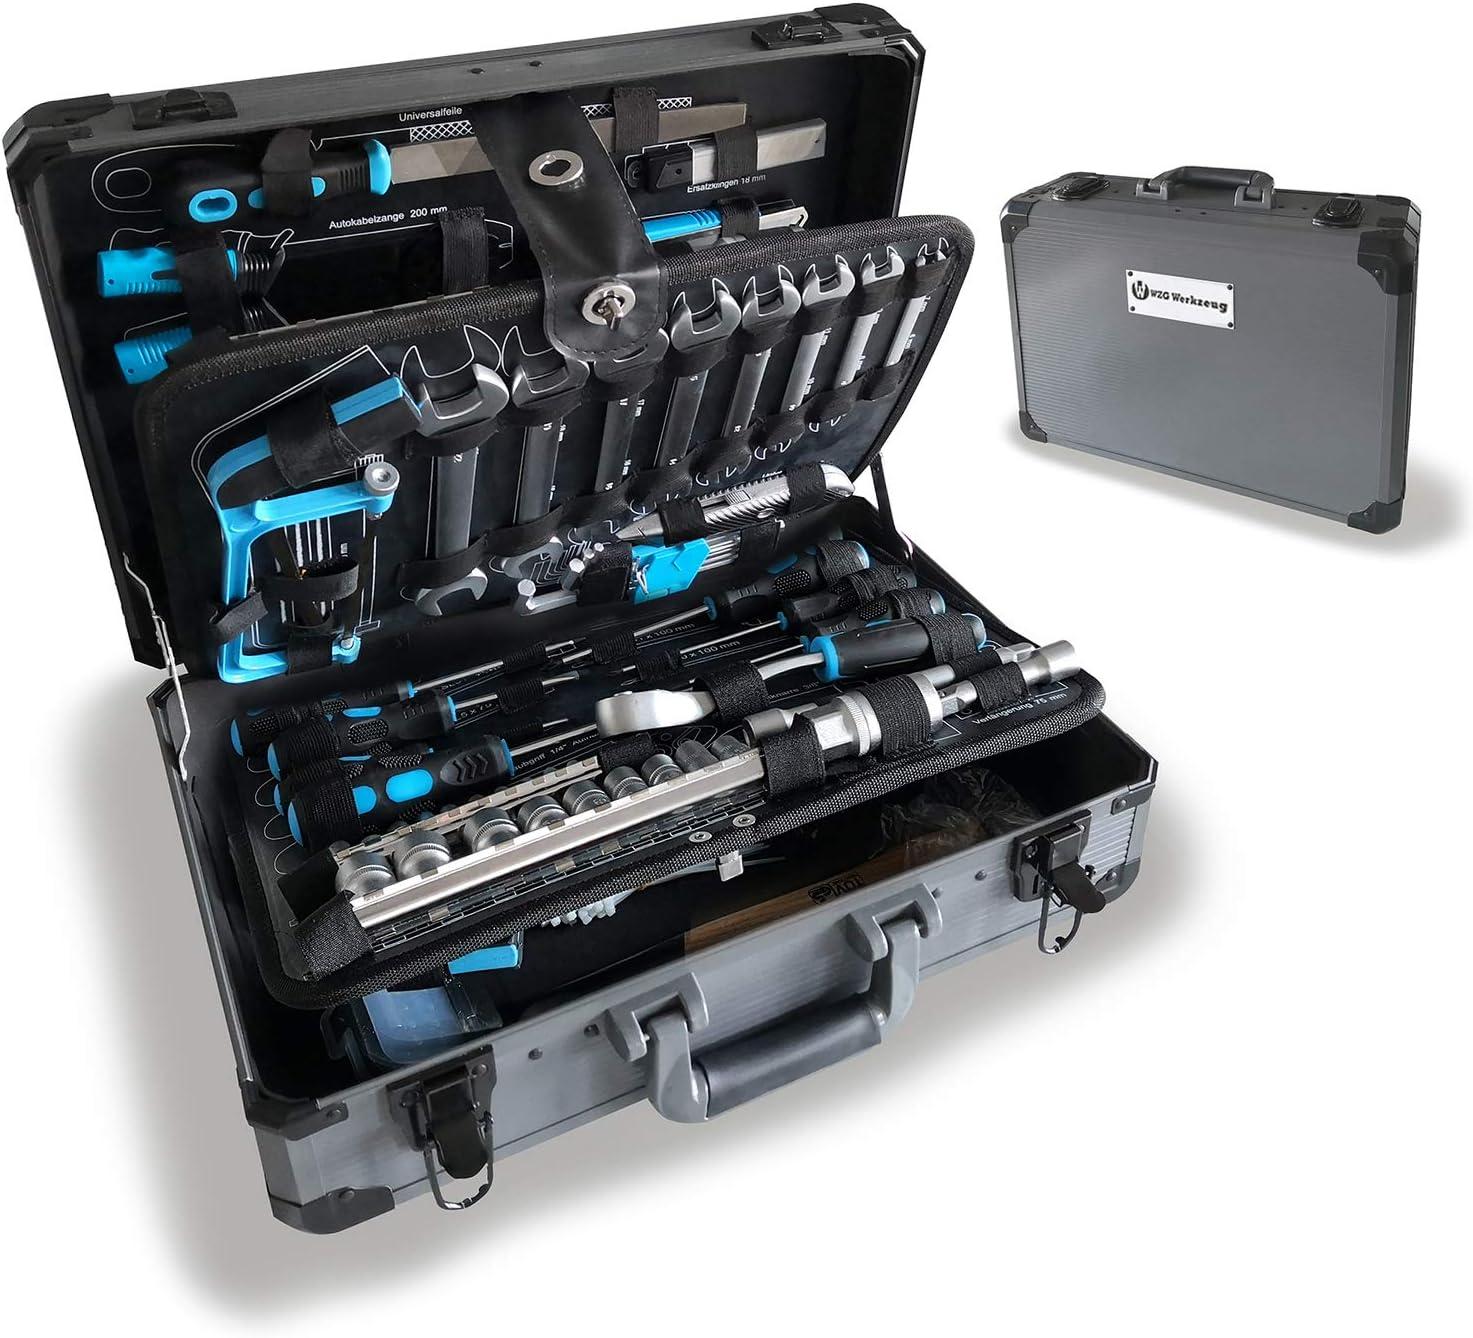 WZG Werkzeug 102 piezas Juego de herramientas manuales Kit de mecánica con estuche de aluminio que incluye llave, almohadilla para arrodillarse y juego de dados - Ideal para taller y garaje